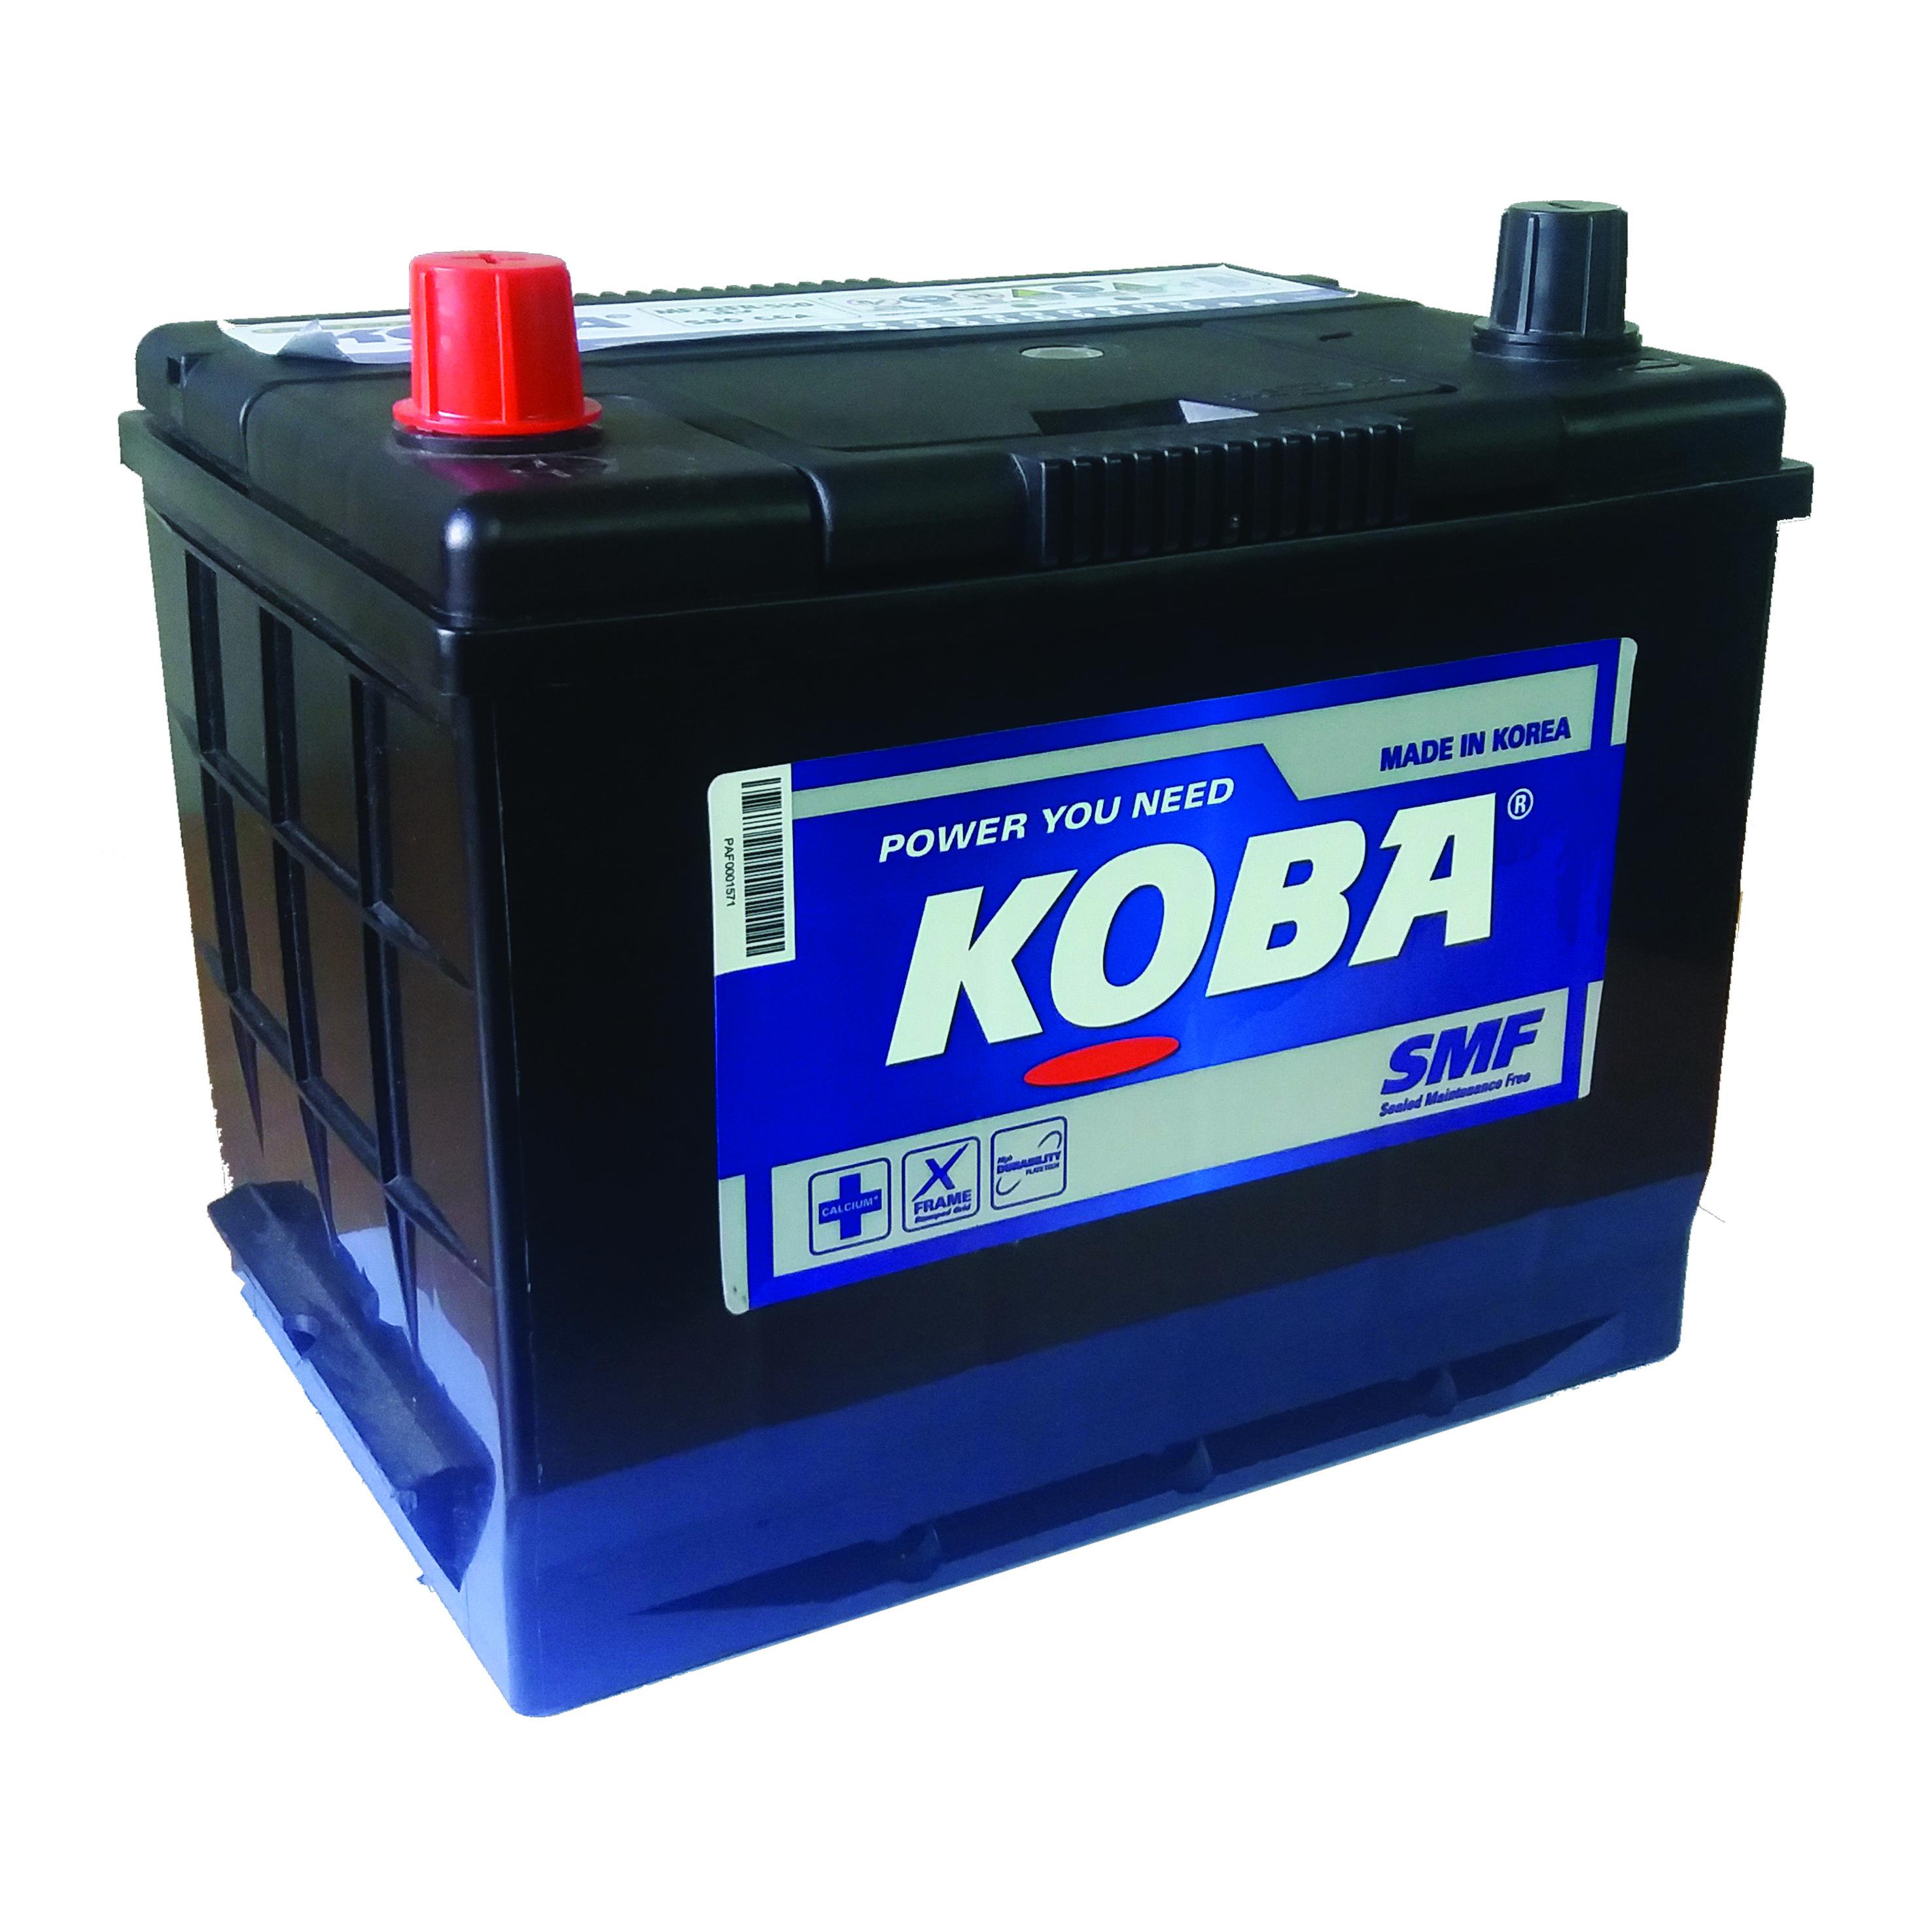 Koba Battery